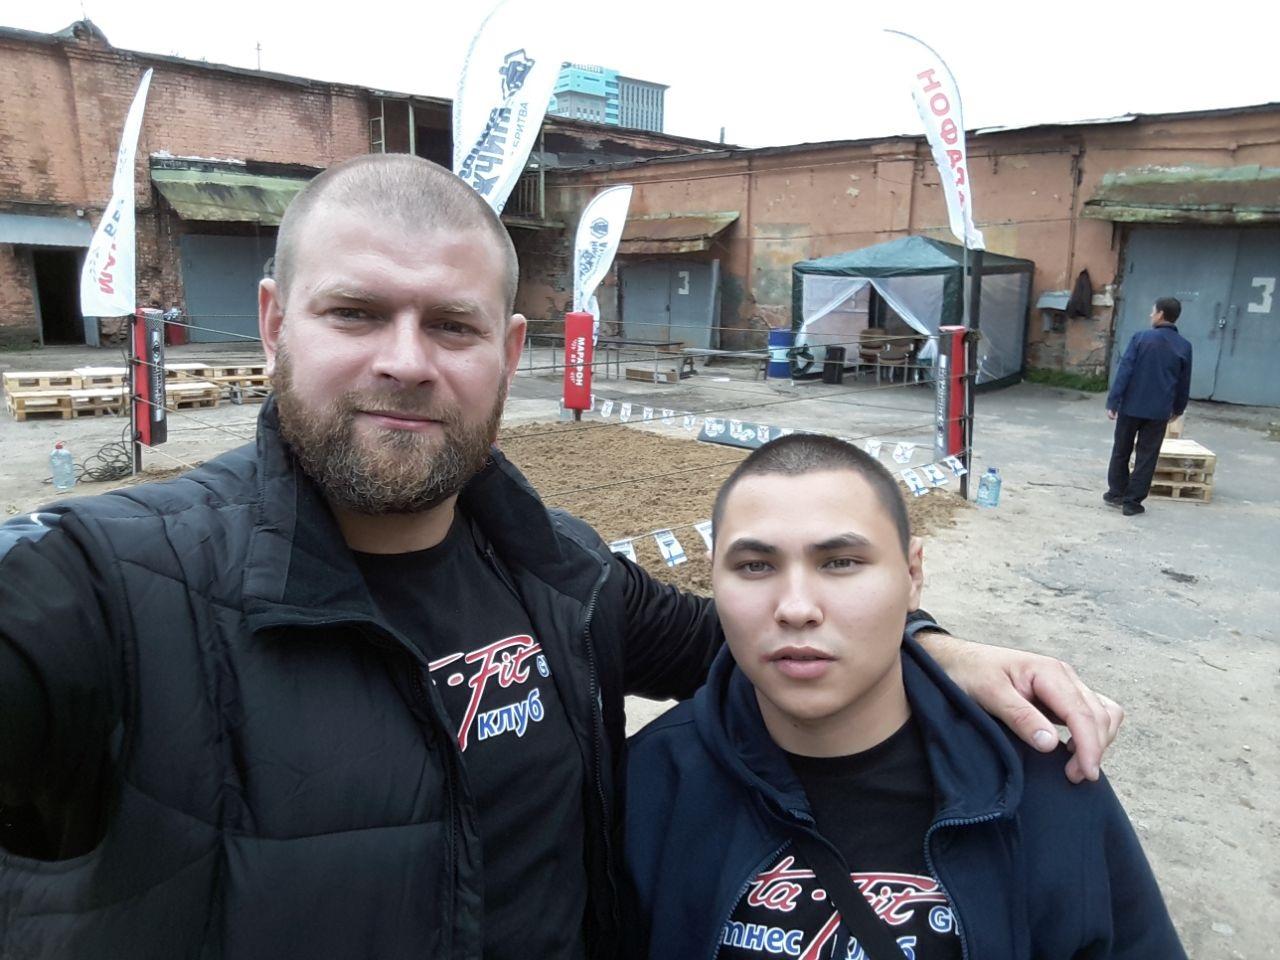 strelka030 Якутянин выиграл Великий финал всех сезонов чемпионата уличных боев «Стрелка»